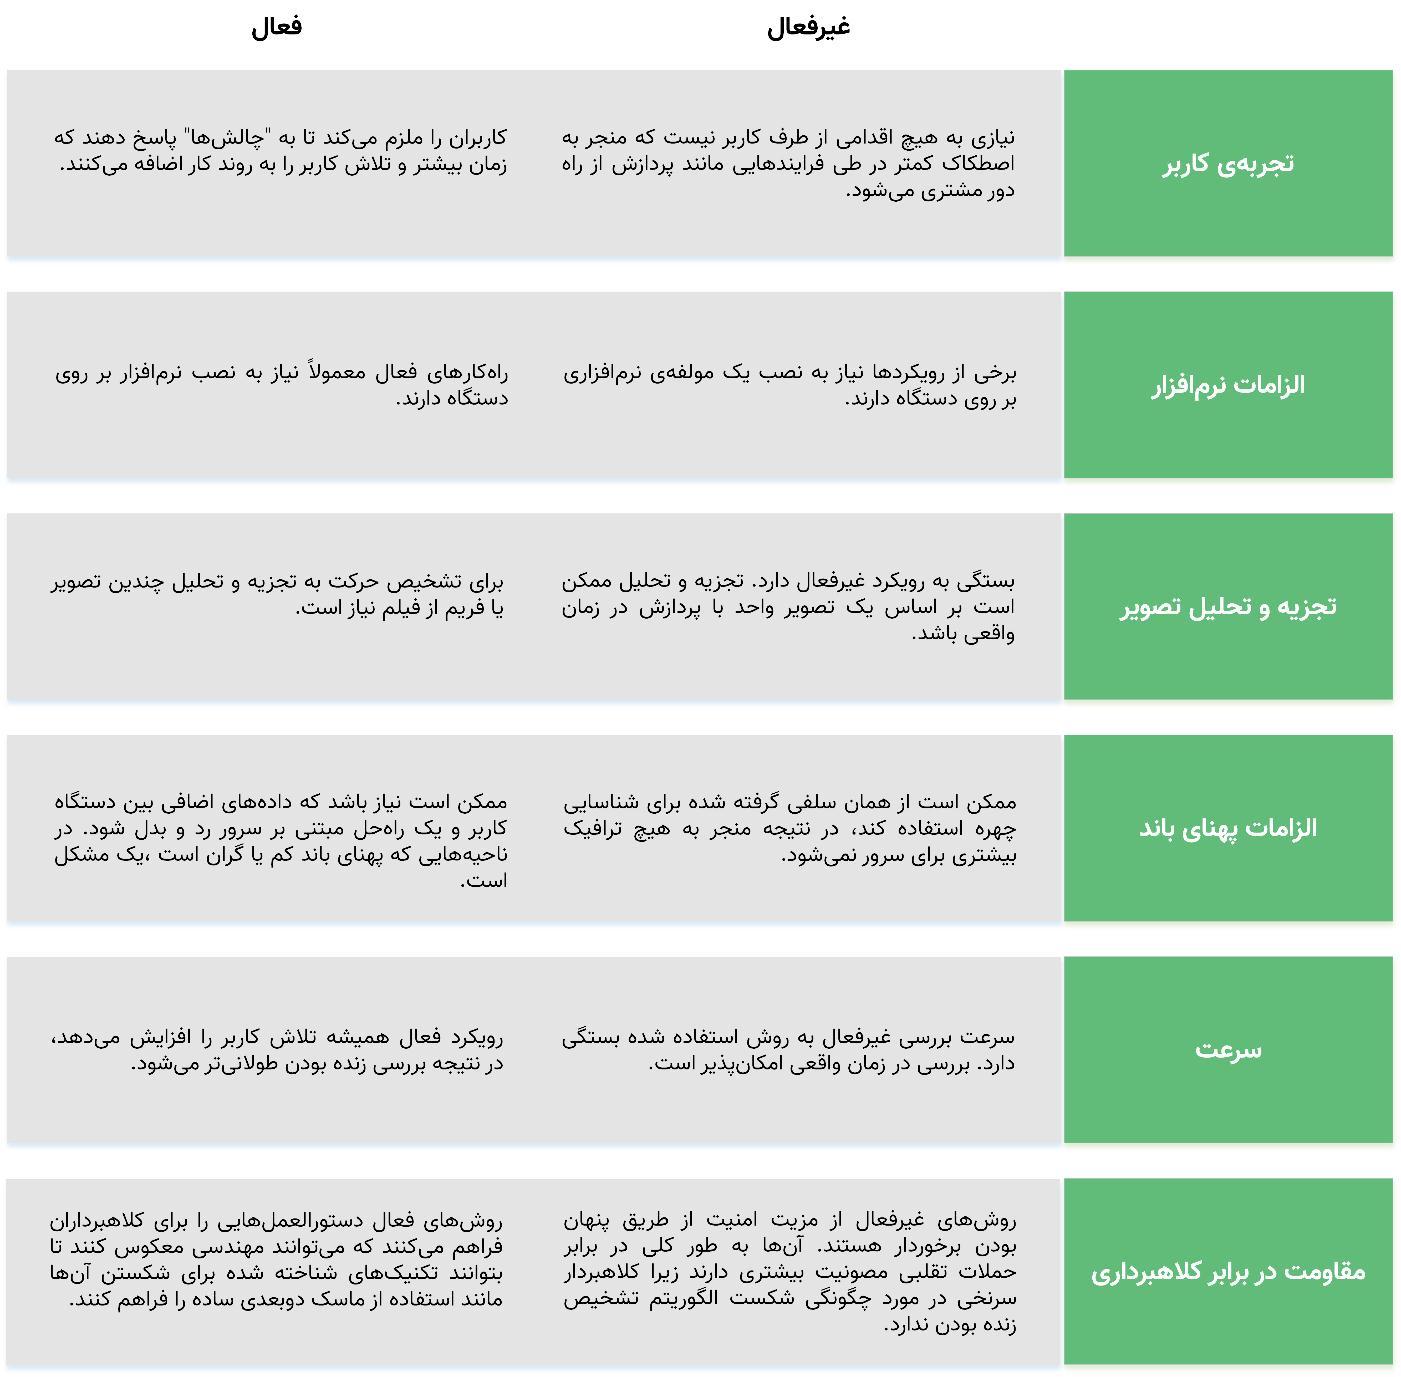 مقایسه روشهای تشخیص جعل و جمله با دو رویکرد فعال و غیرفعال